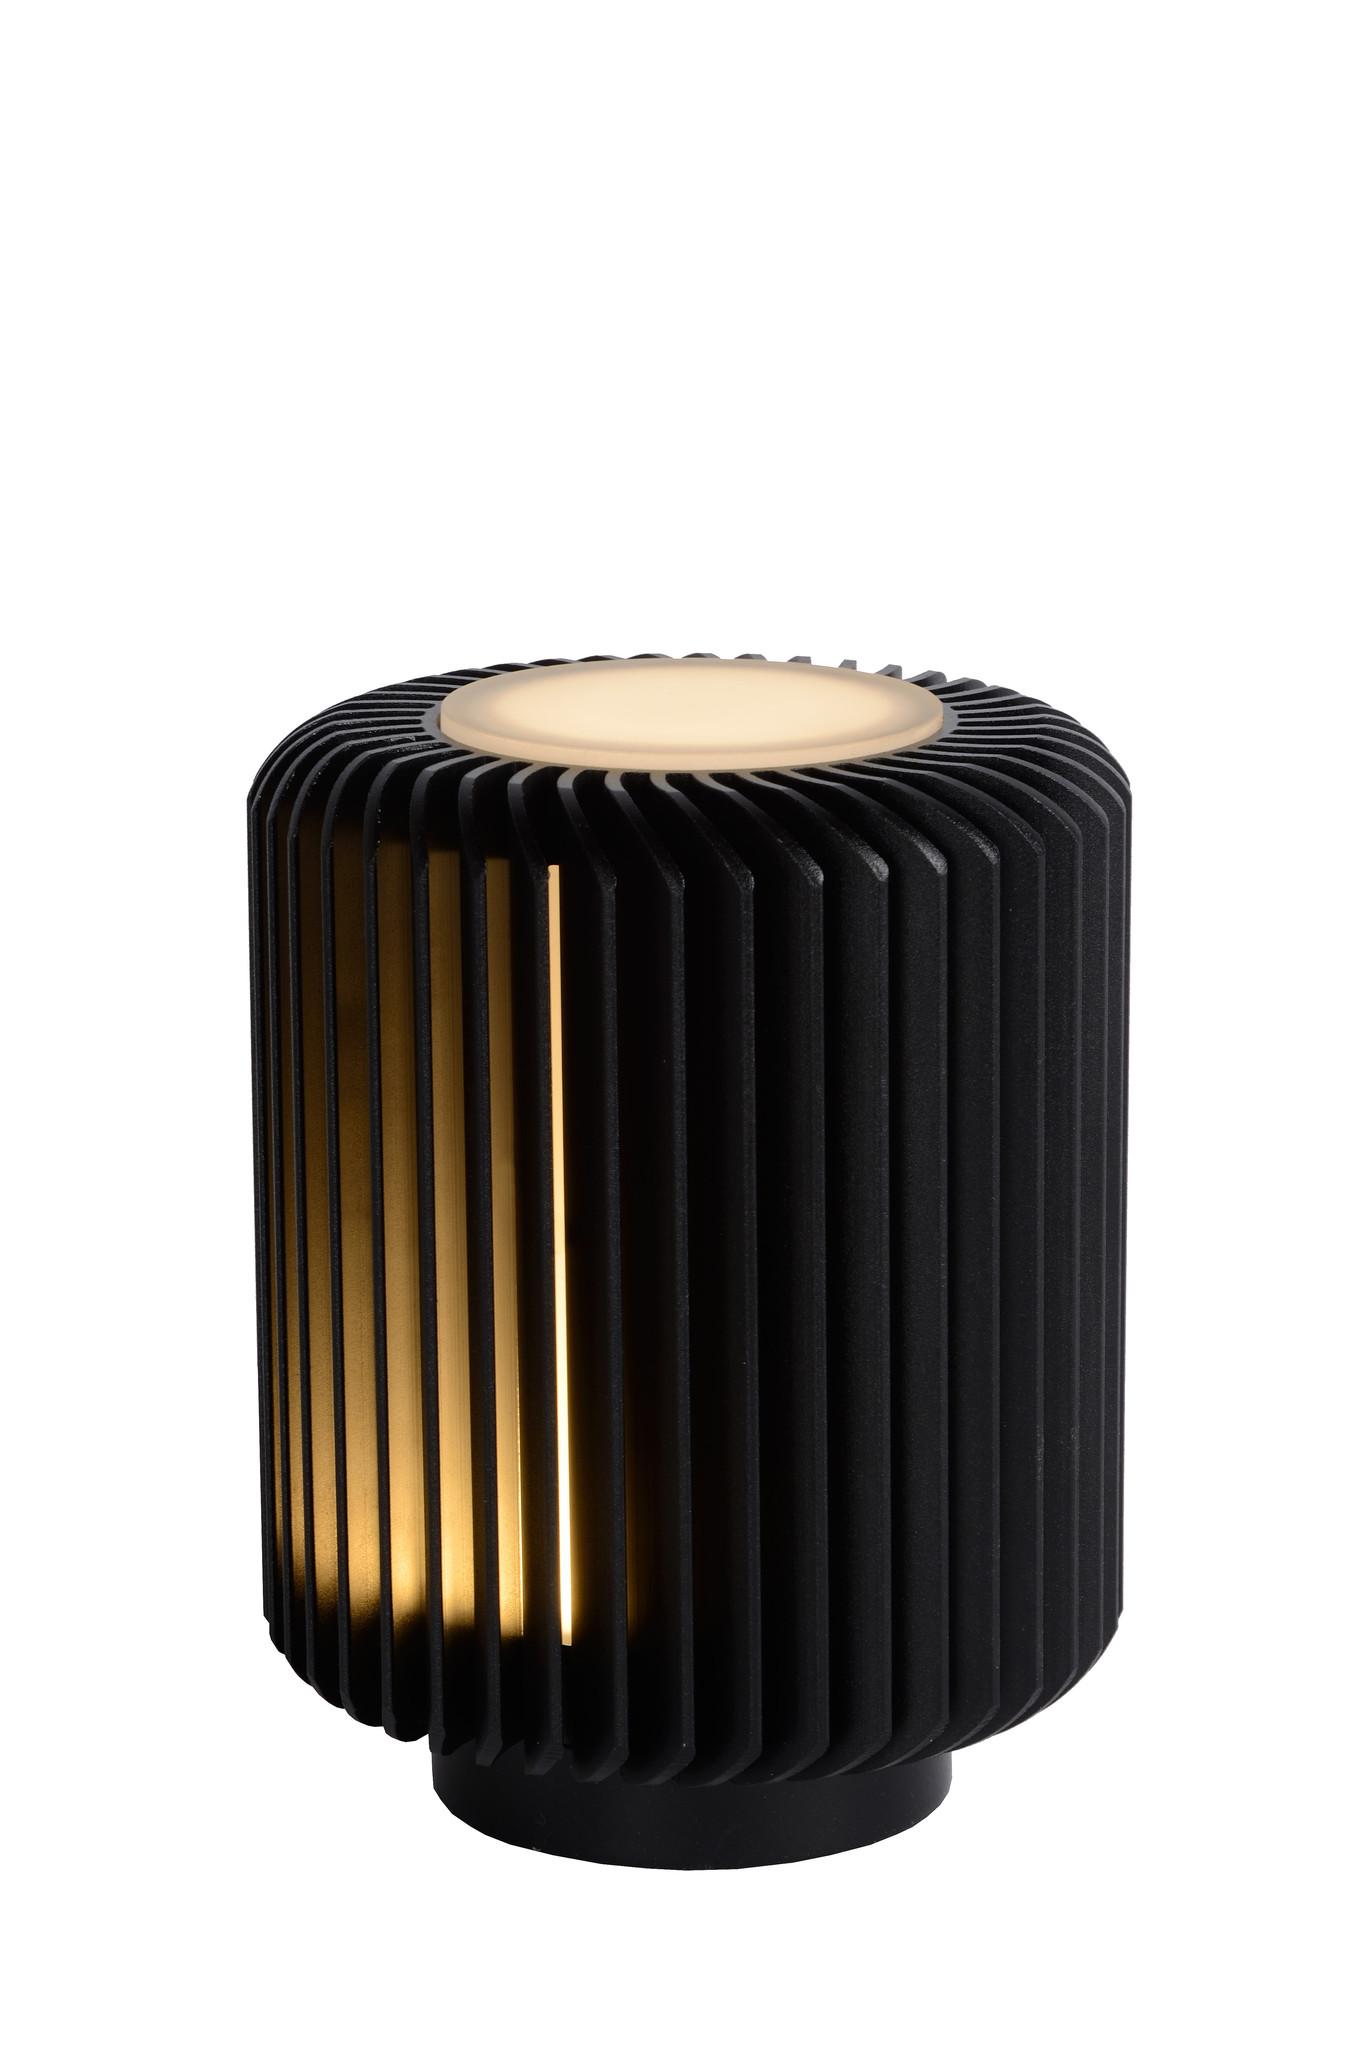 Lucide TURBIN Tafellamp LED 5W H13.7 10.6 Zwart